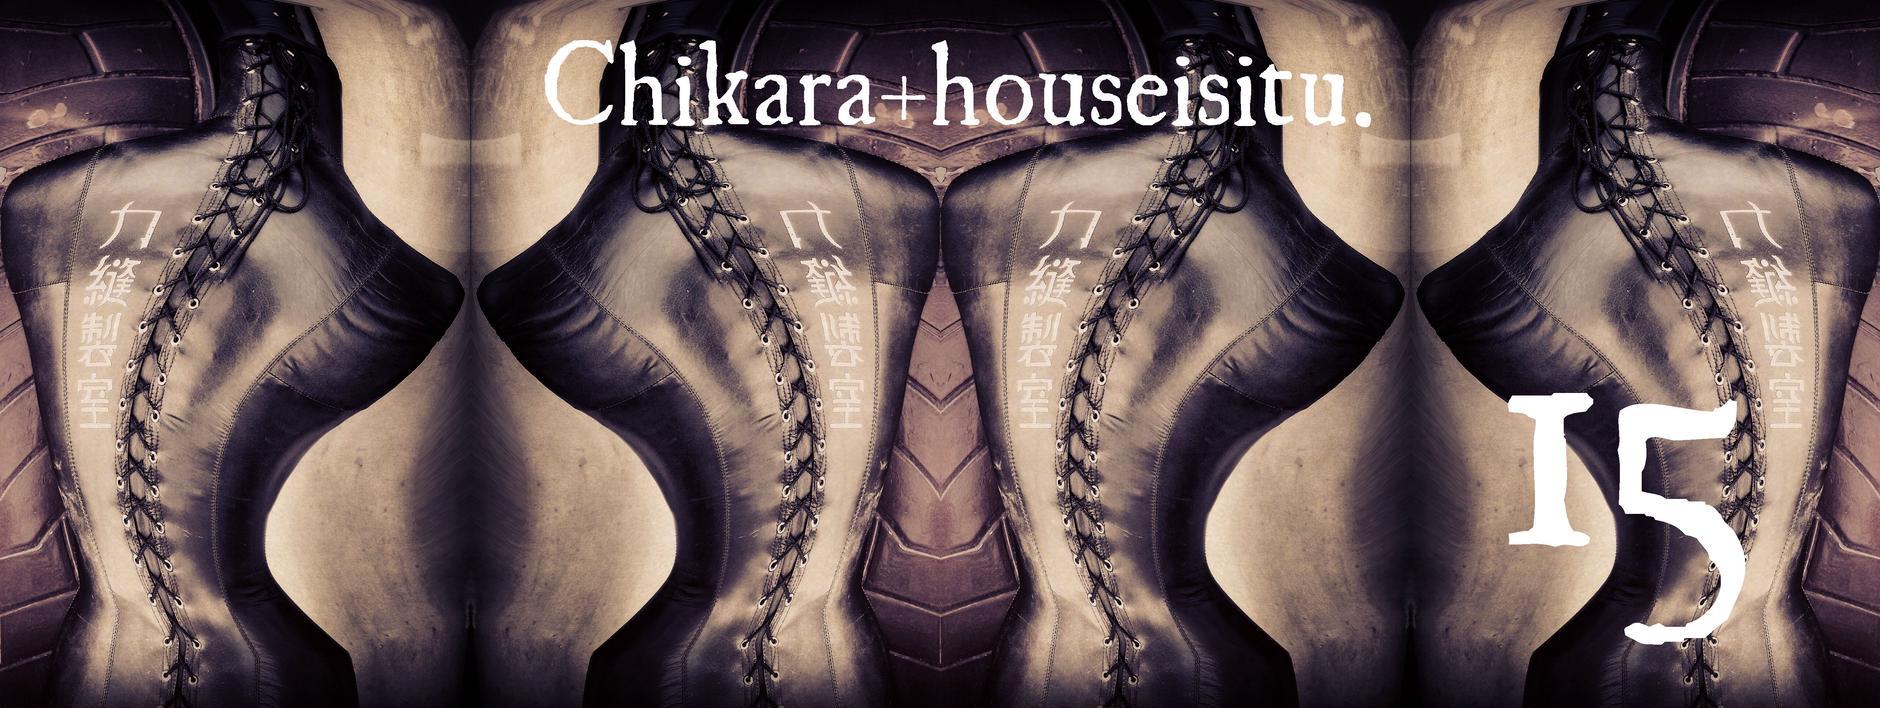 Chikara+houseisitu./ChicArt.